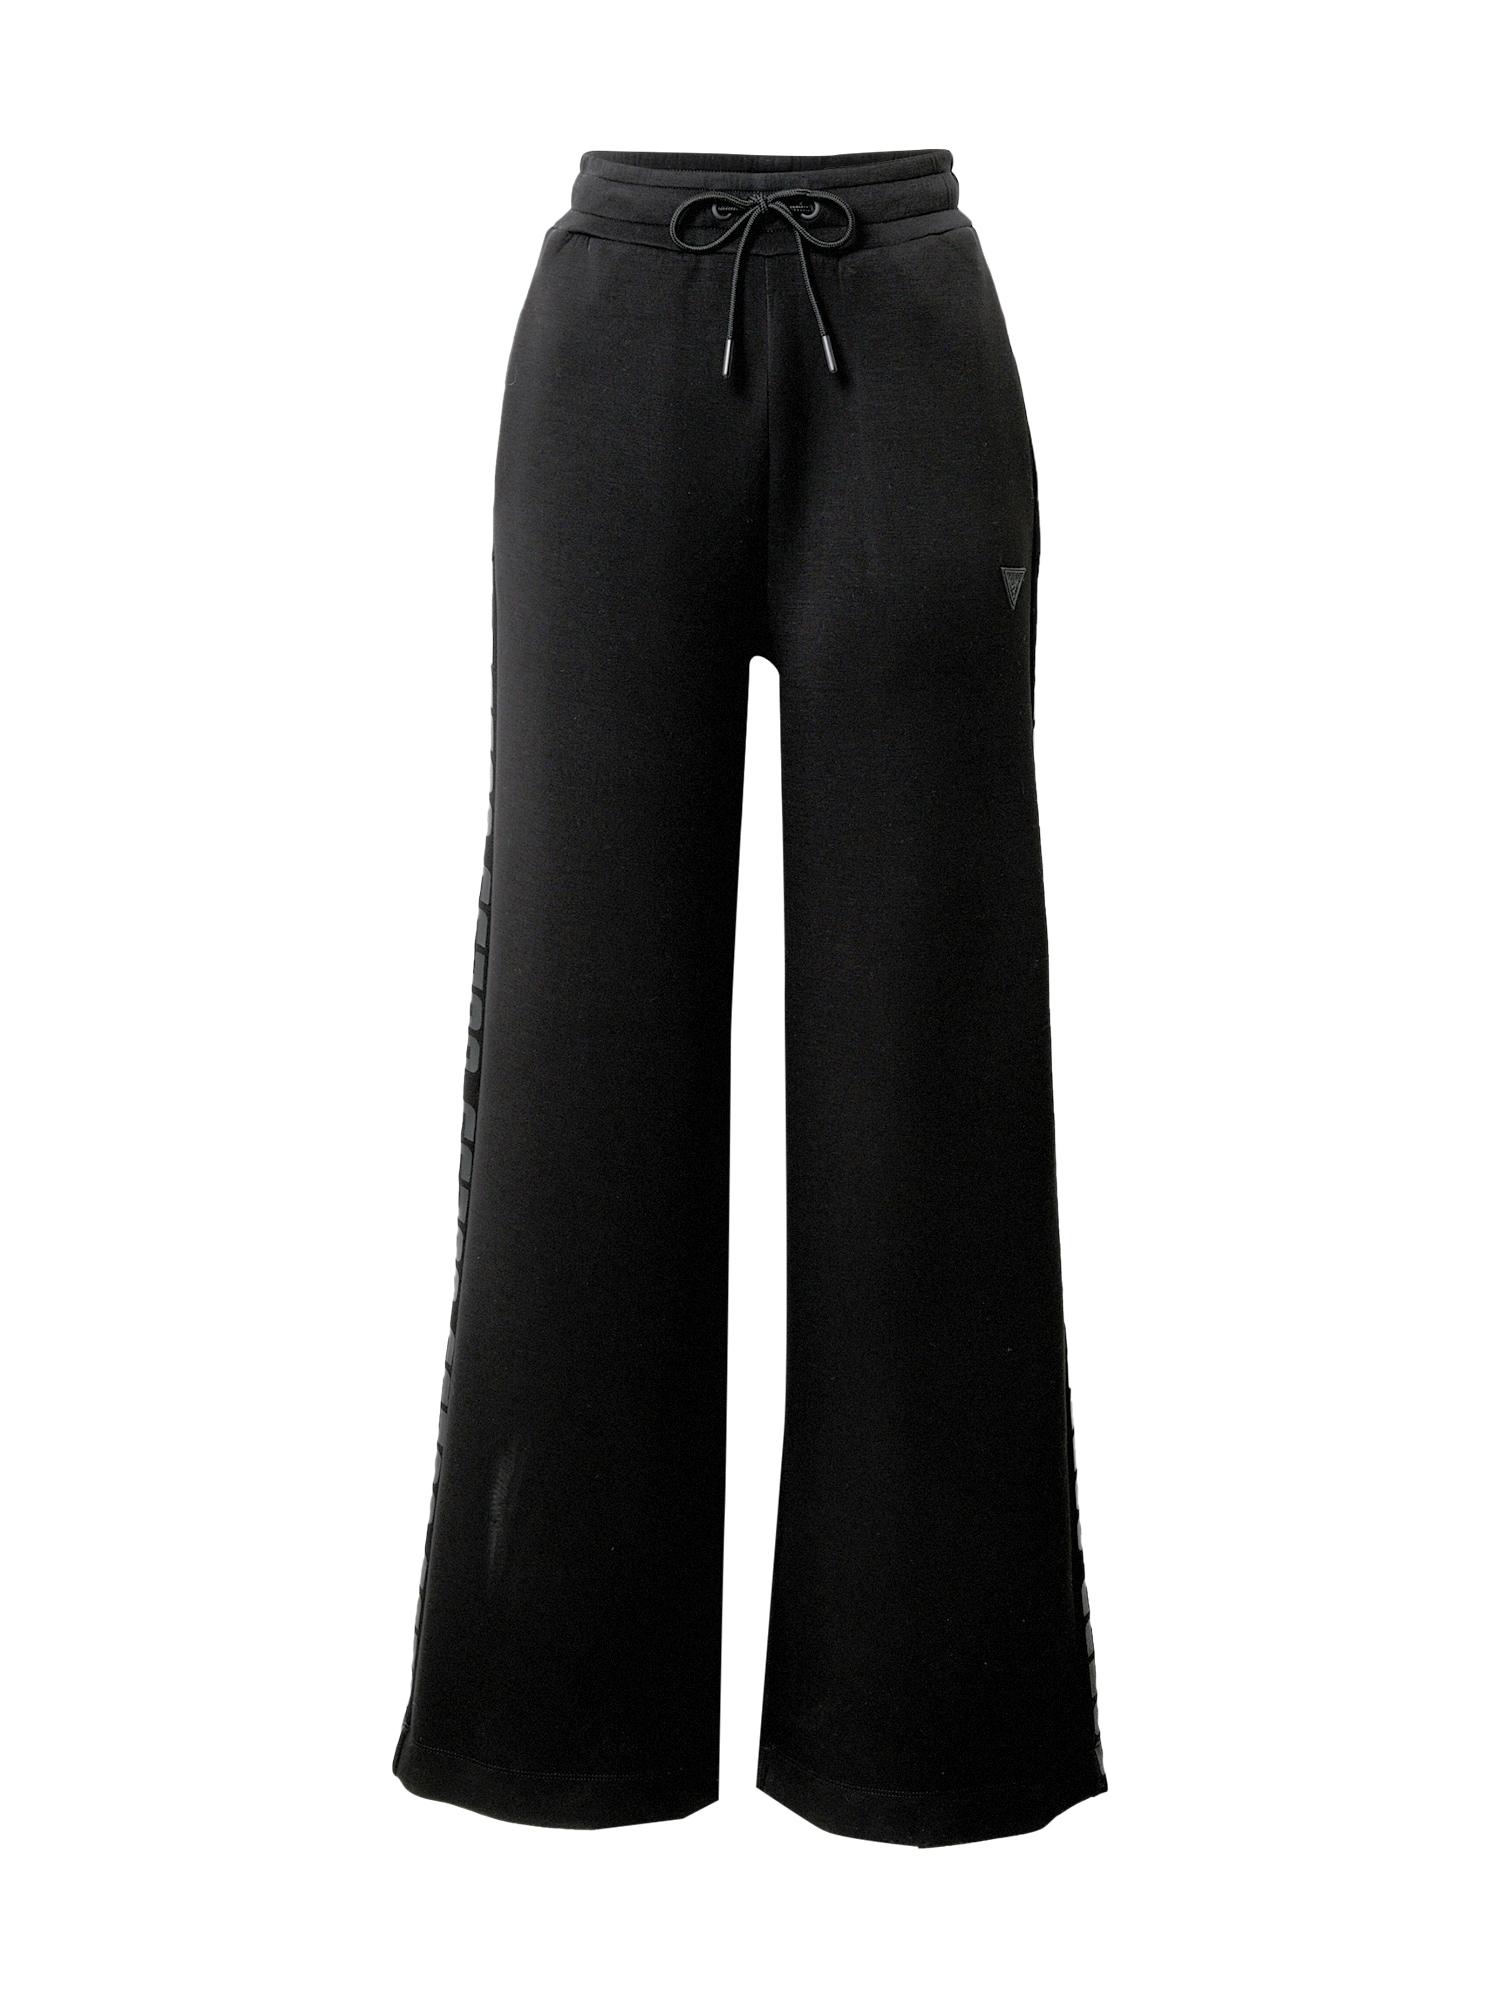 GUESS Sportinės kelnės juoda / antracito